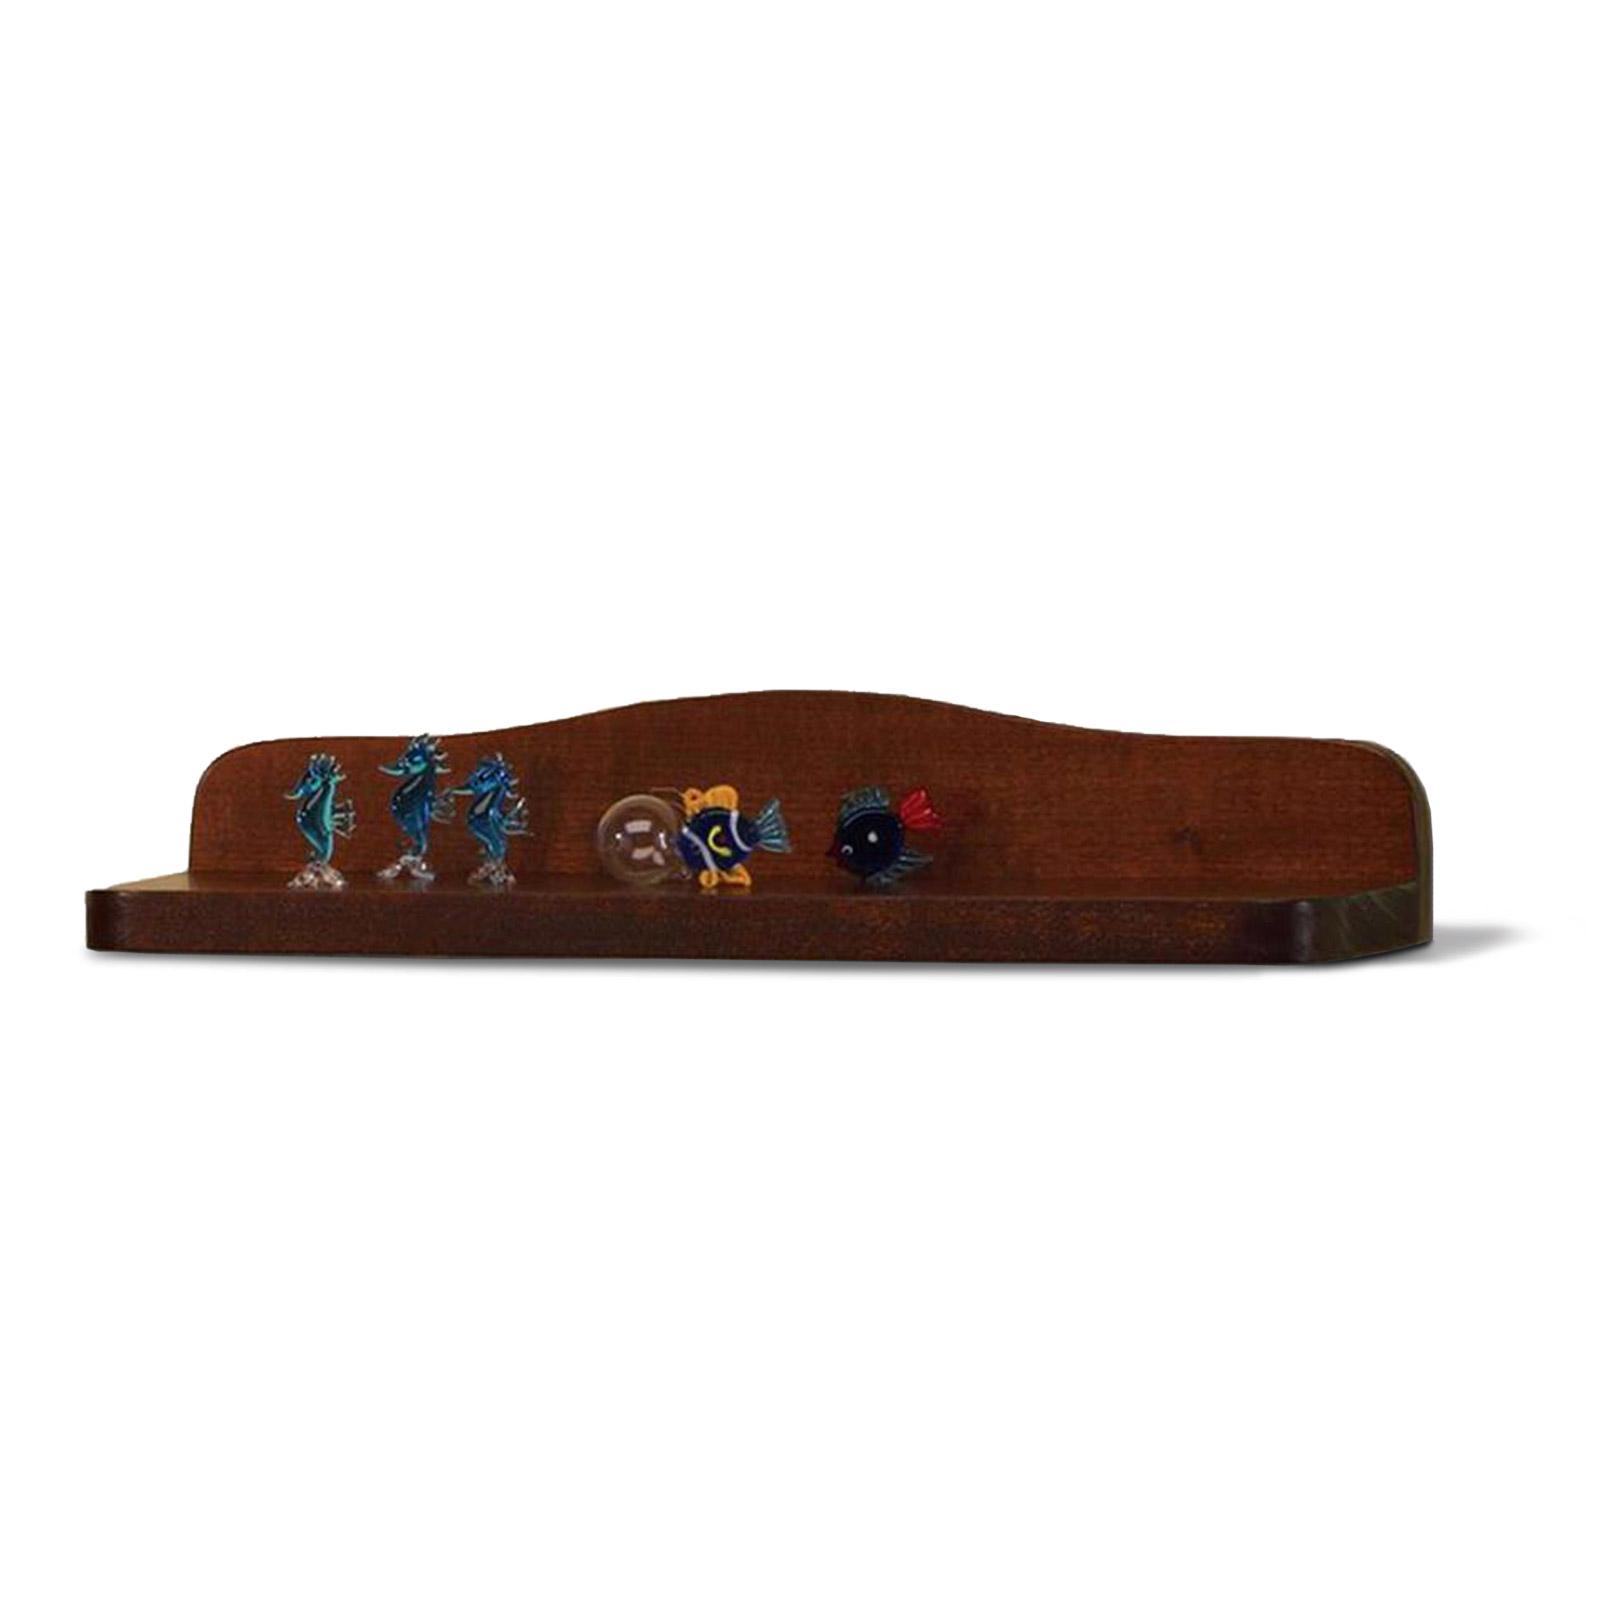 Mensola bagno in arte povera porta oggetti 40 cm in legno ...